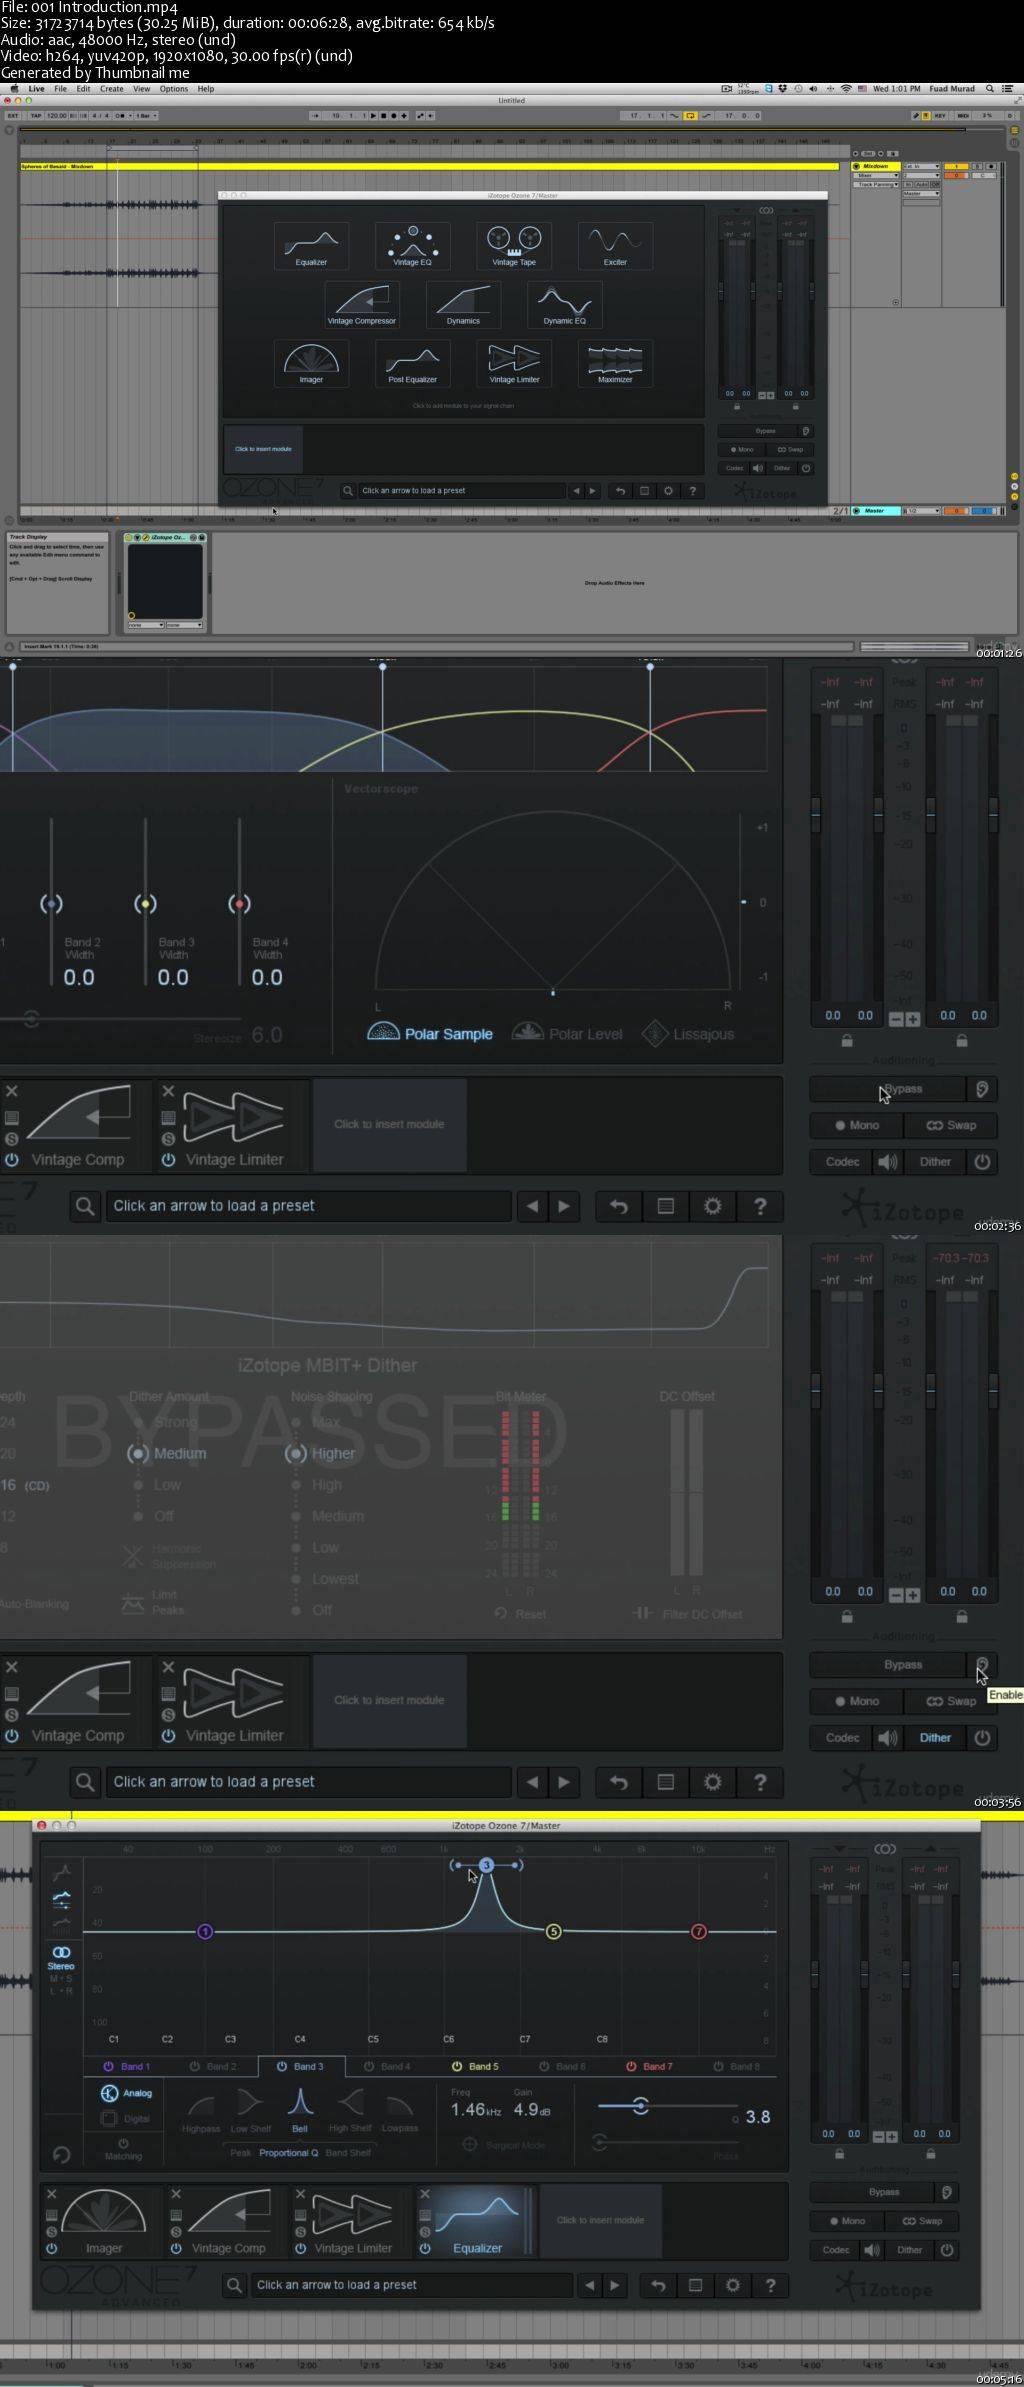 Mastering EDM With Izotope Ozone 7 (2016)